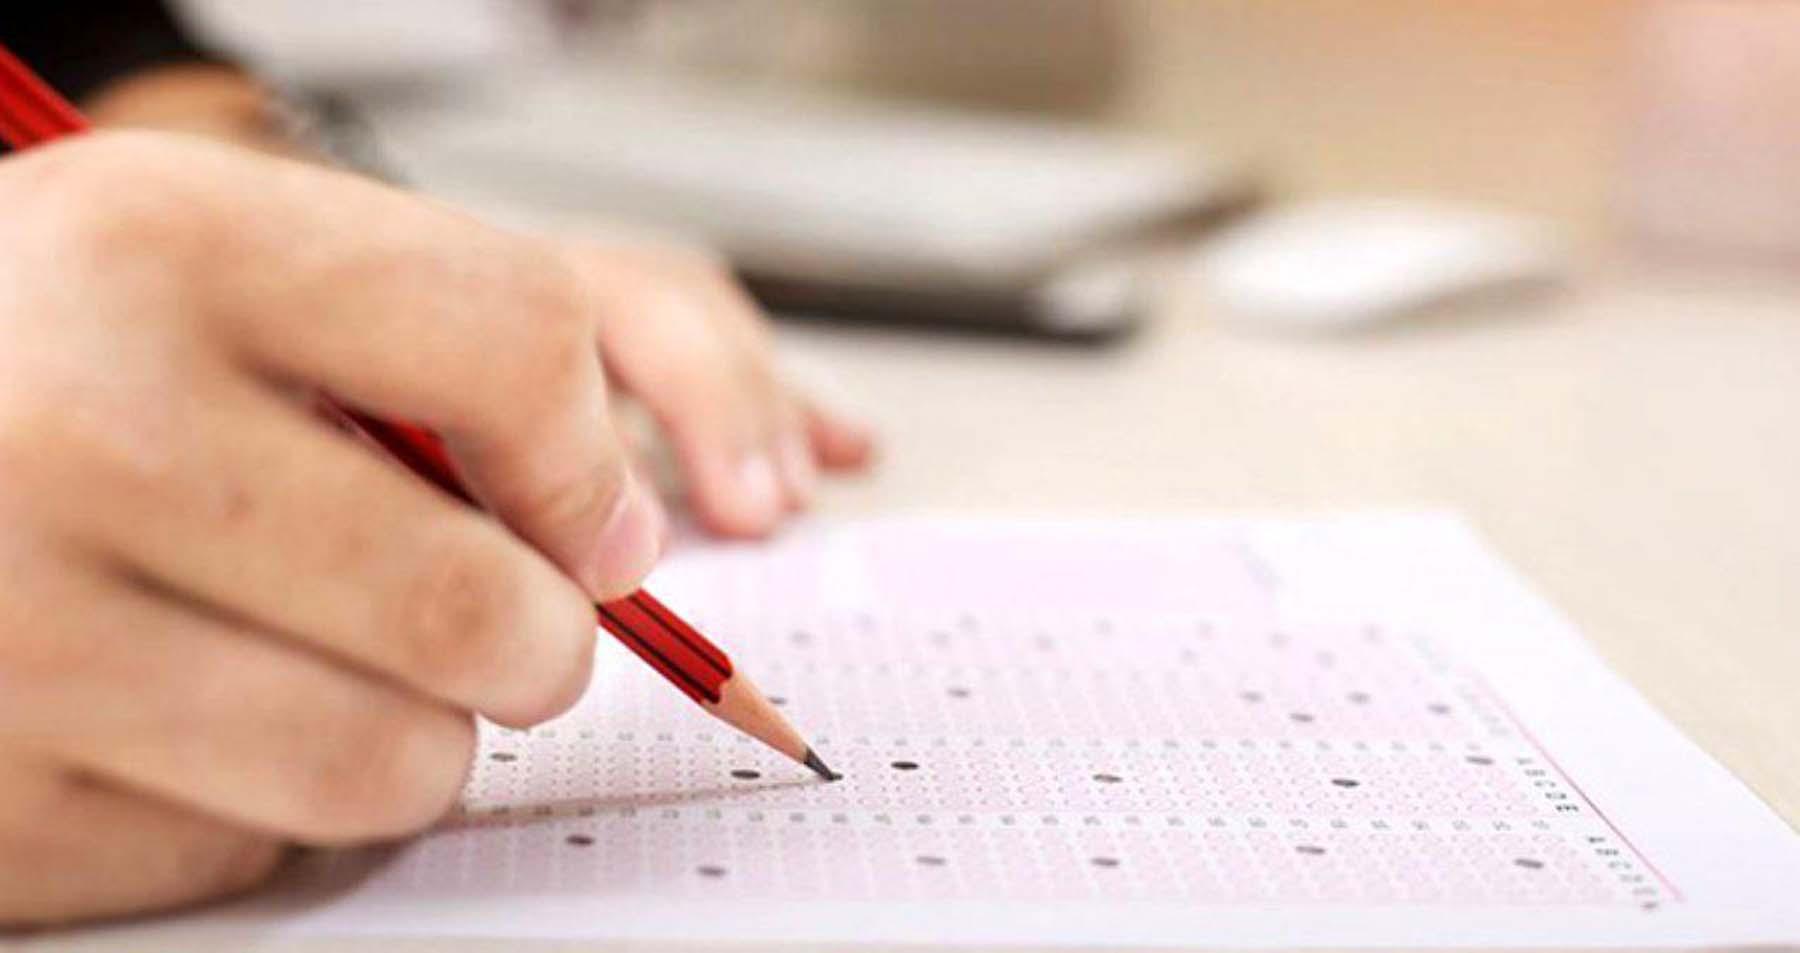 AÖL kayıt yenileme 2021 ne zaman? Açık Öğretim Lisesi kayıt yenileme 1. dönem 2021  AÖL ek sınav kayıt yenileme ücreti ne kadar?